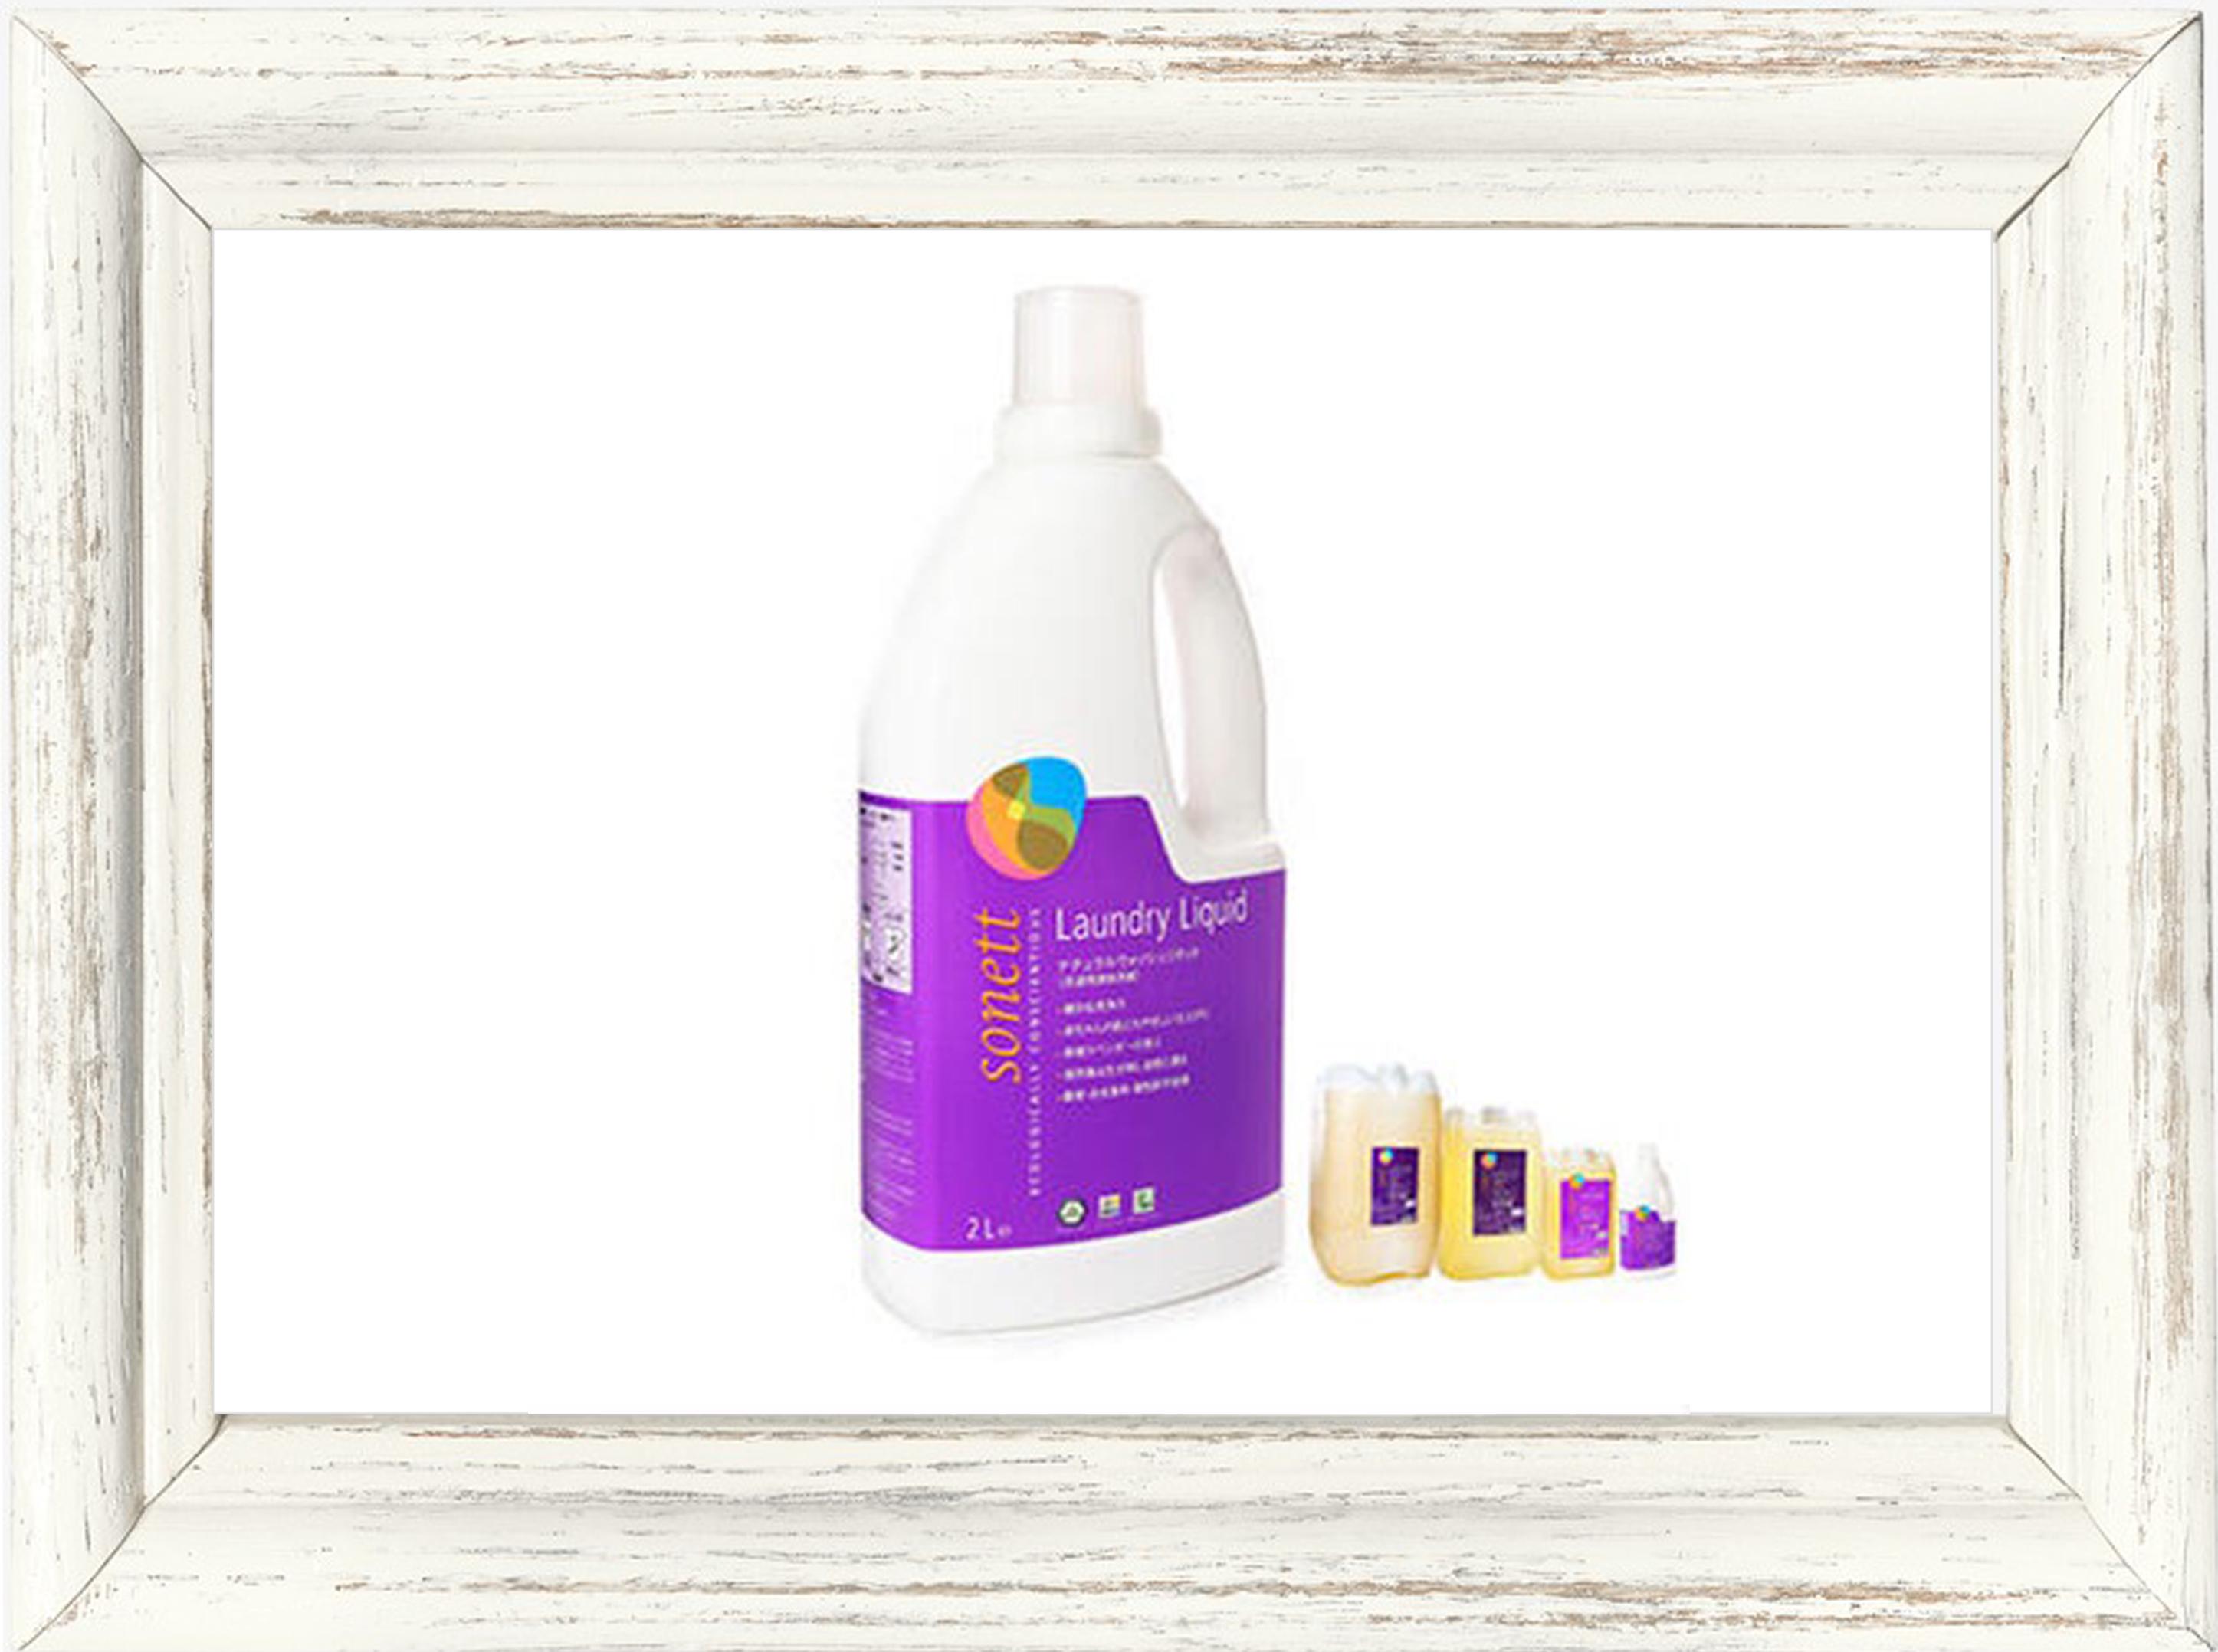 洗濯用洗剤▶︎sonett ナチュラルウォッシュリキッド(洗濯用液体洗剤) 2L